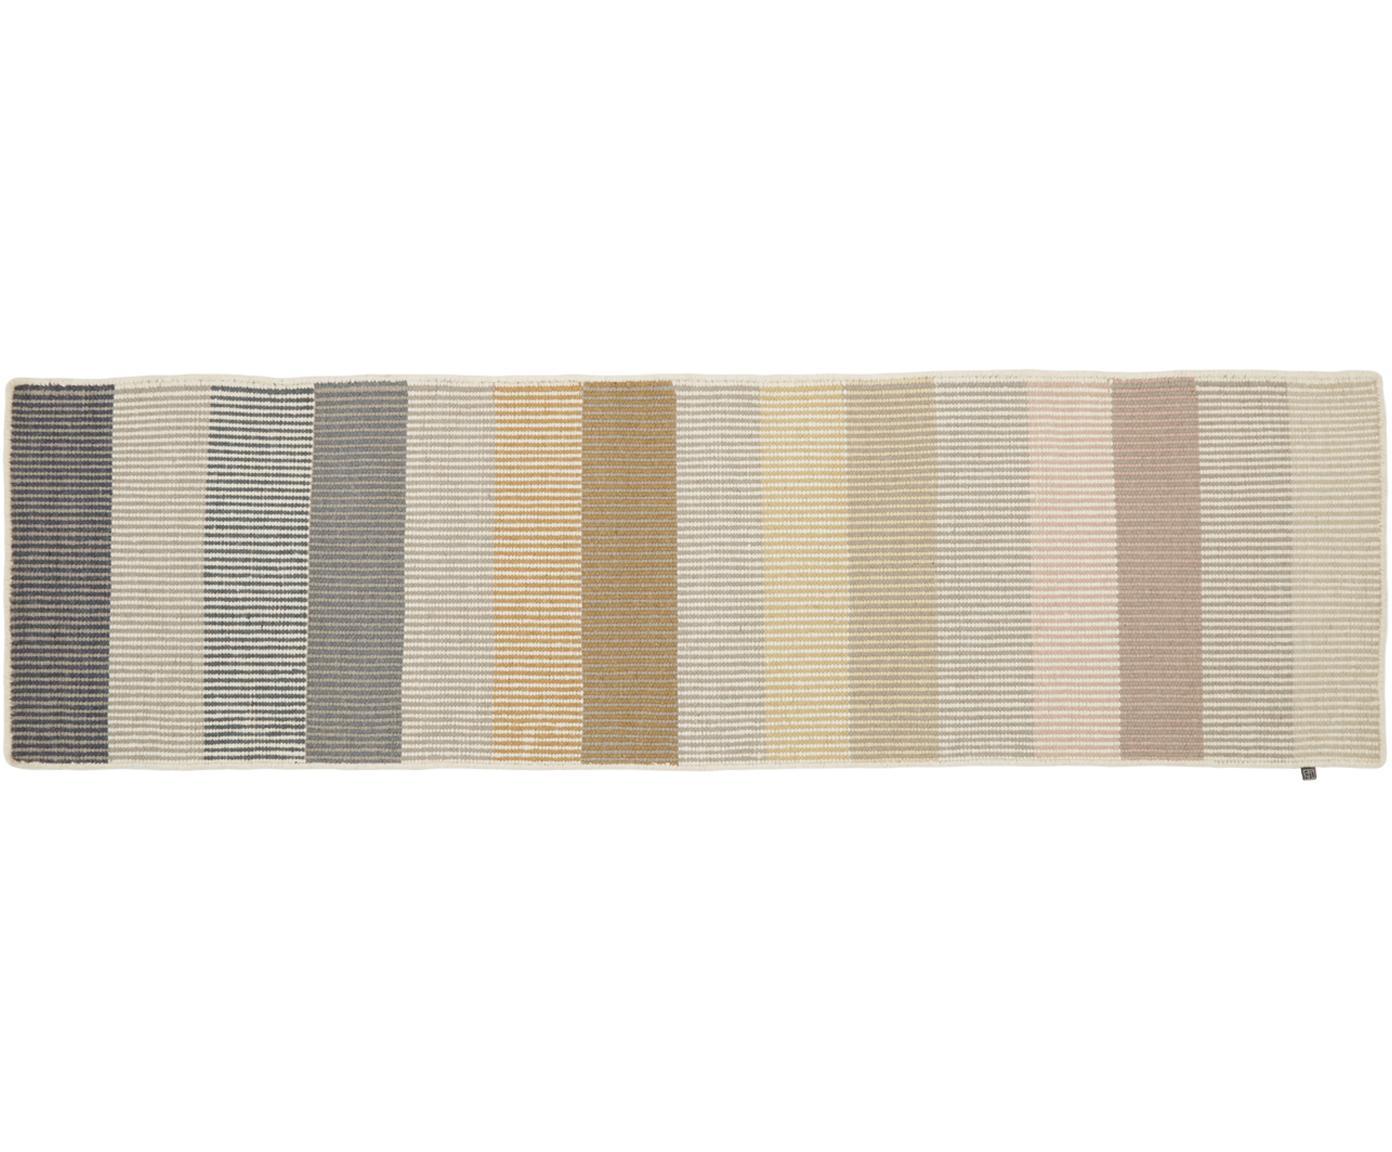 Alfombra artesanal de lana Devise, Multicolor, An 80 x L 280 cm